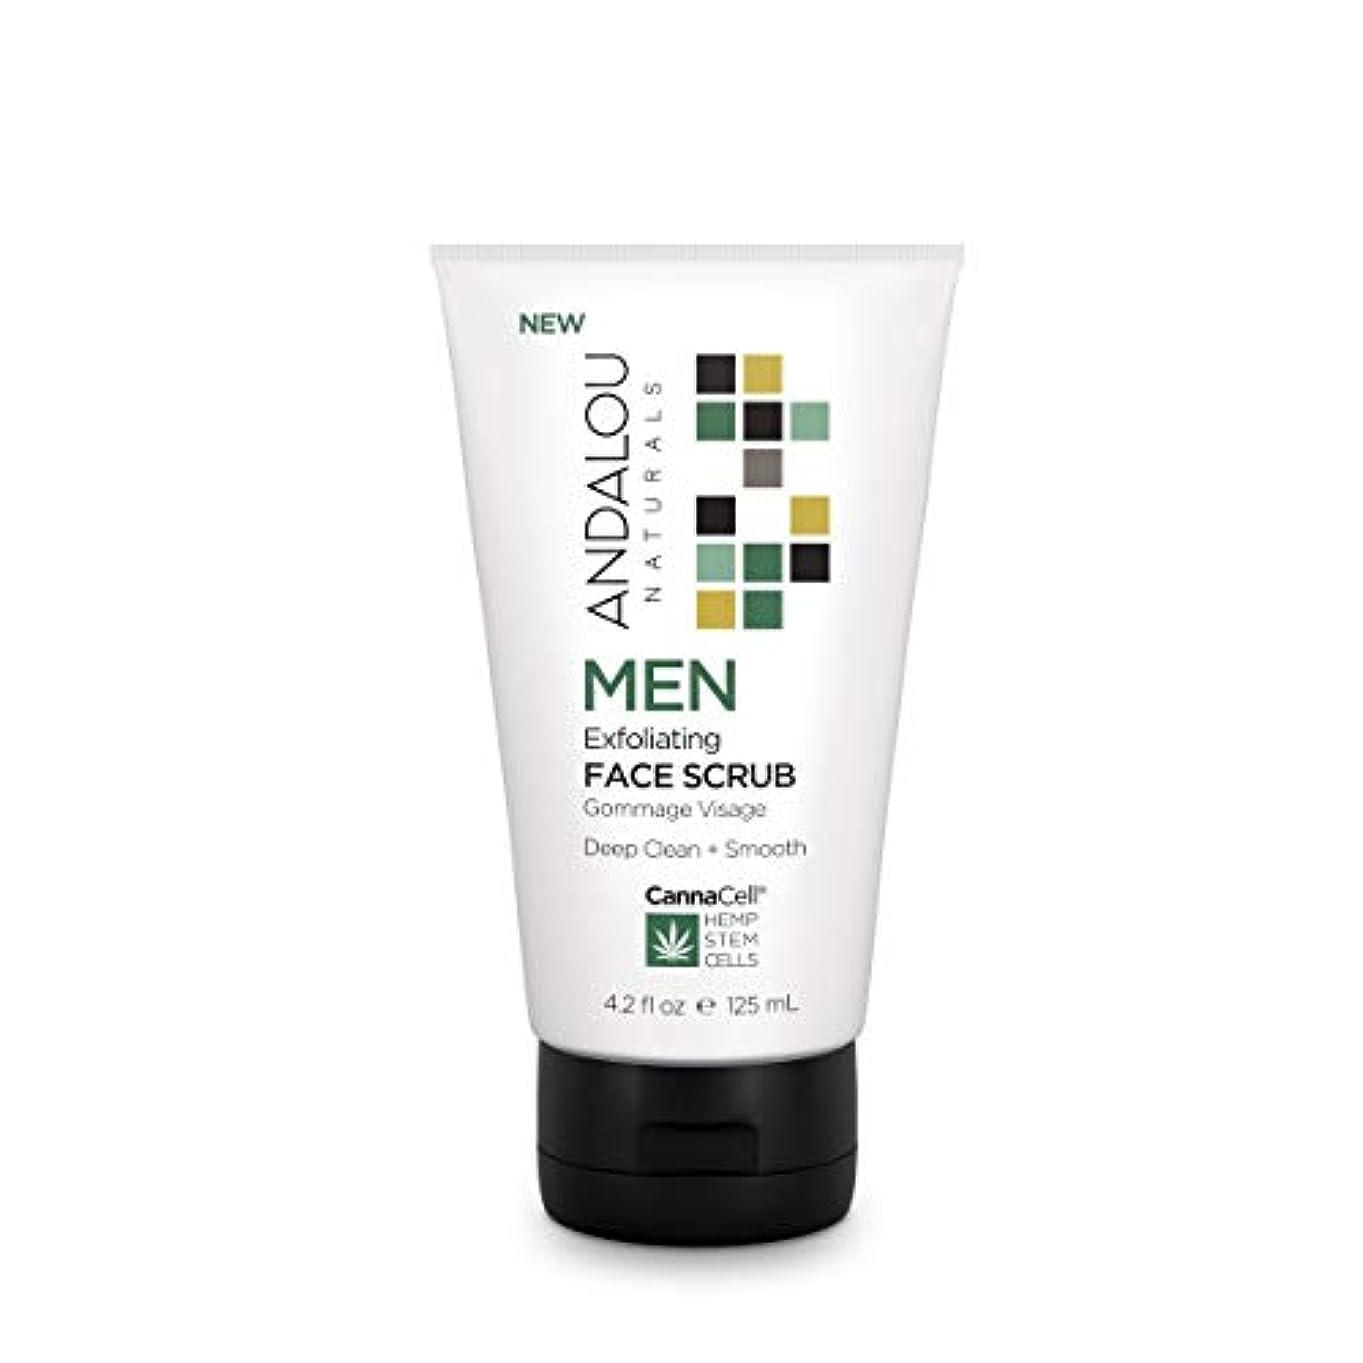 妨げる革命的一貫したオーガニック ボタニカル 洗顔料 スクラブ洗顔 ナチュラル フルーツ幹細胞 ヘンプ幹細胞 「 MEN エクスフォリエーティングフェイススクラブ 」 ANDALOU naturals アンダルー ナチュラルズ